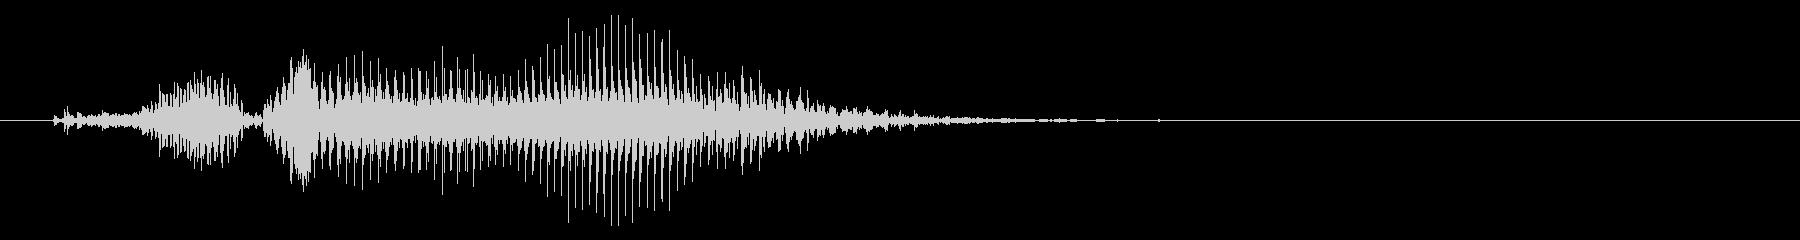 「喰らえッ」の未再生の波形